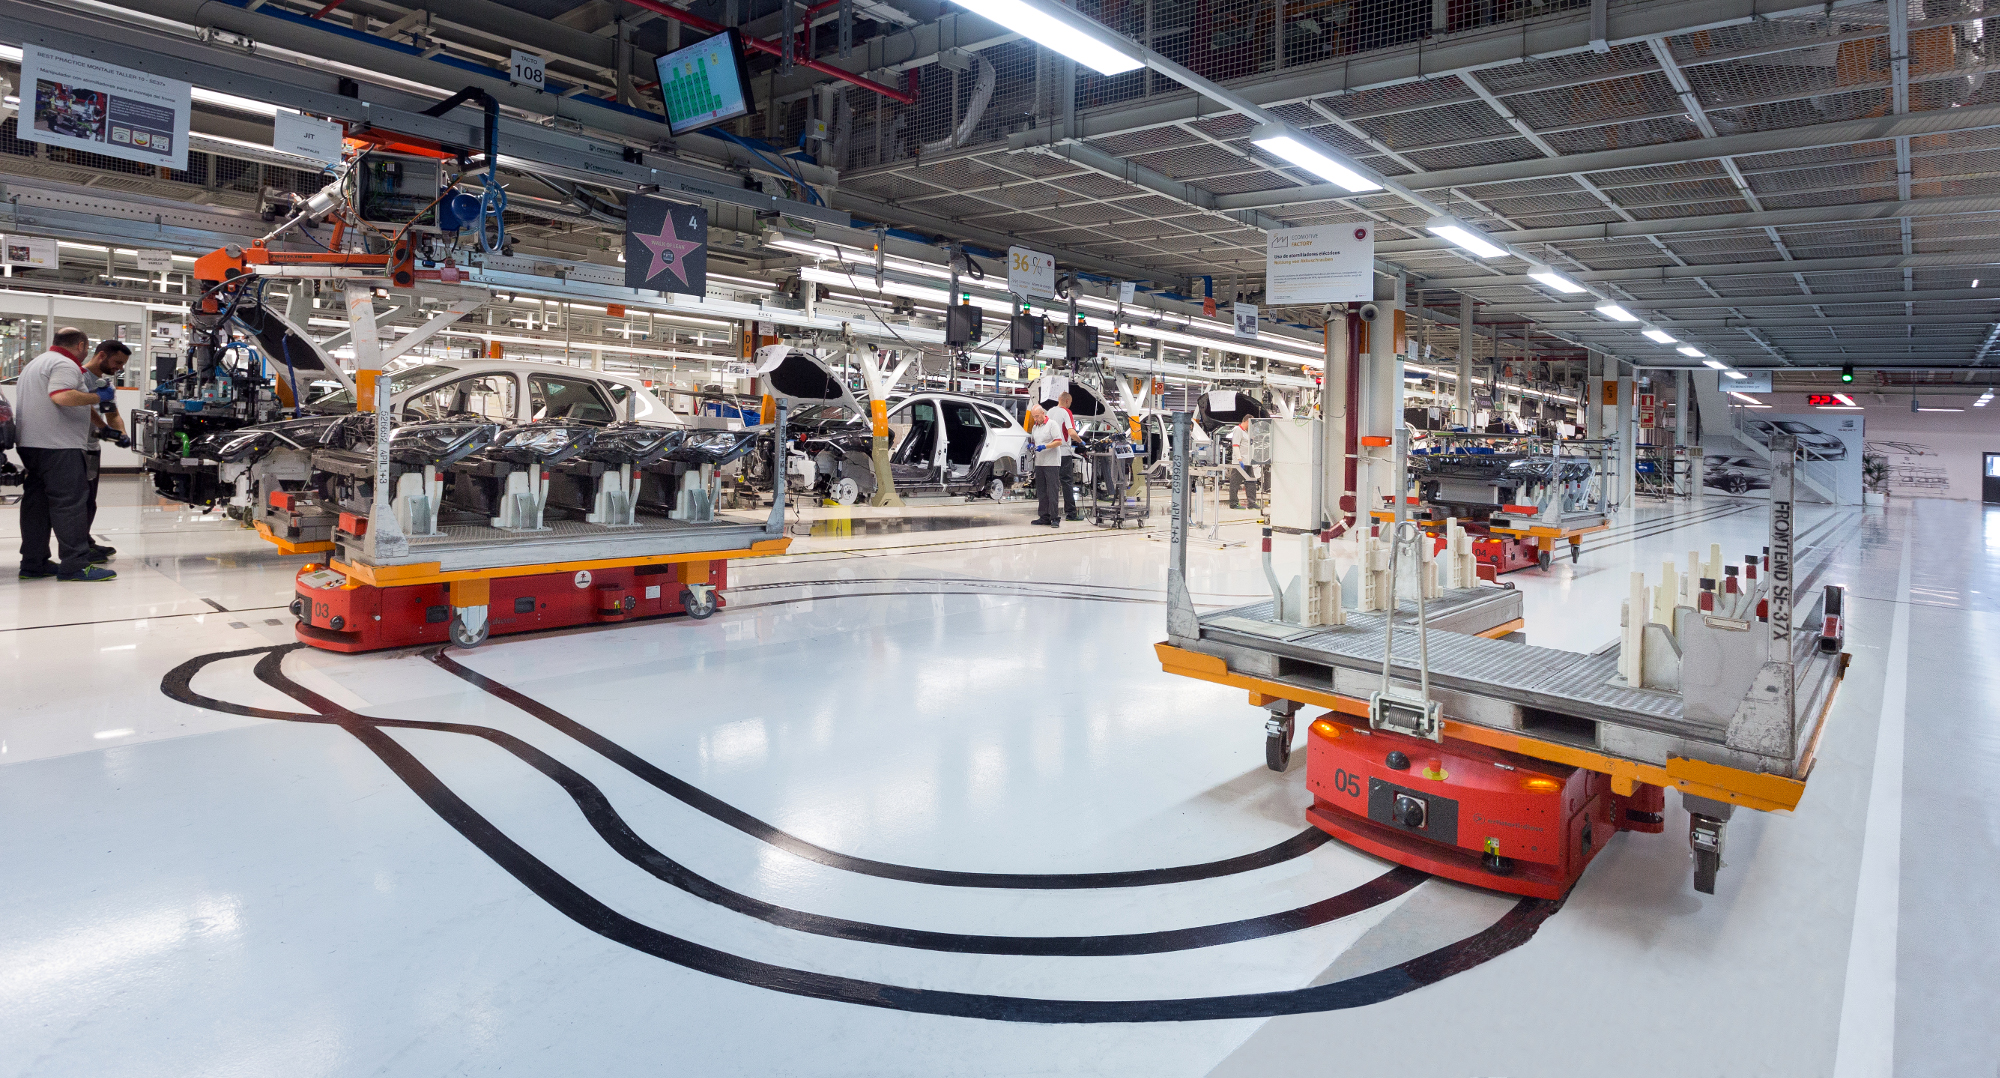 Roboty mobilne w fabryce Seata